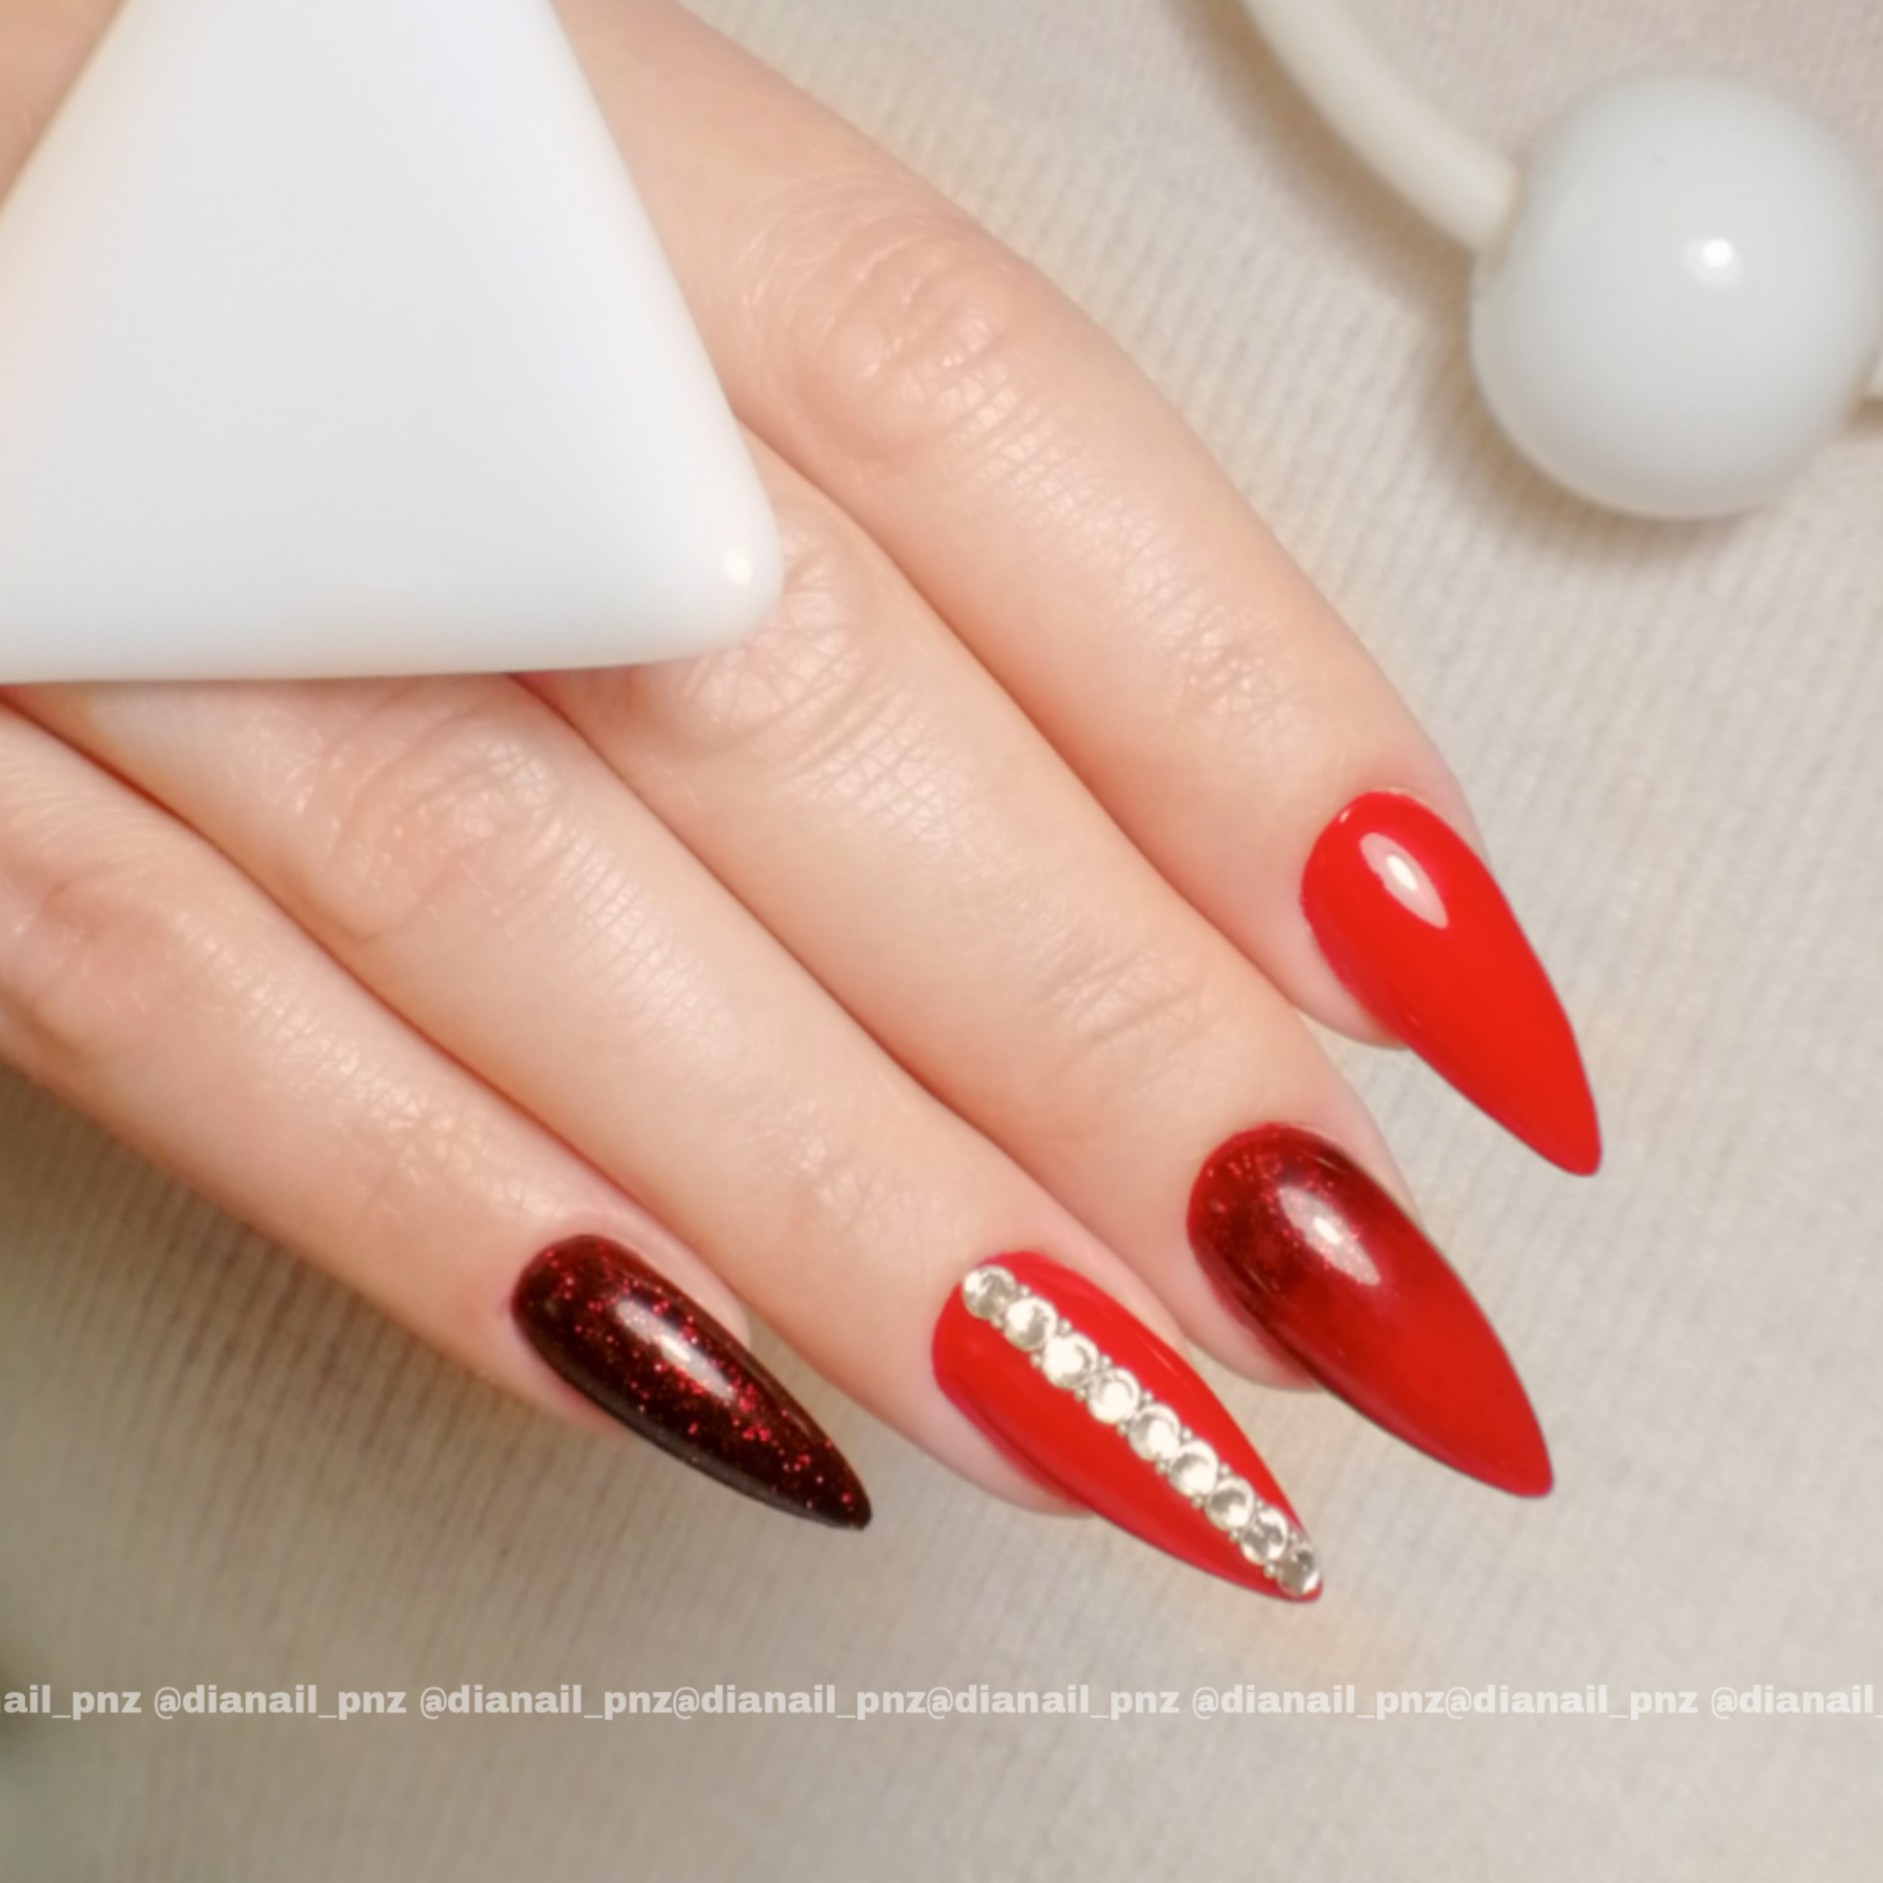 Маникюр с блестками и стразами в красном цвете на длинные ногти.